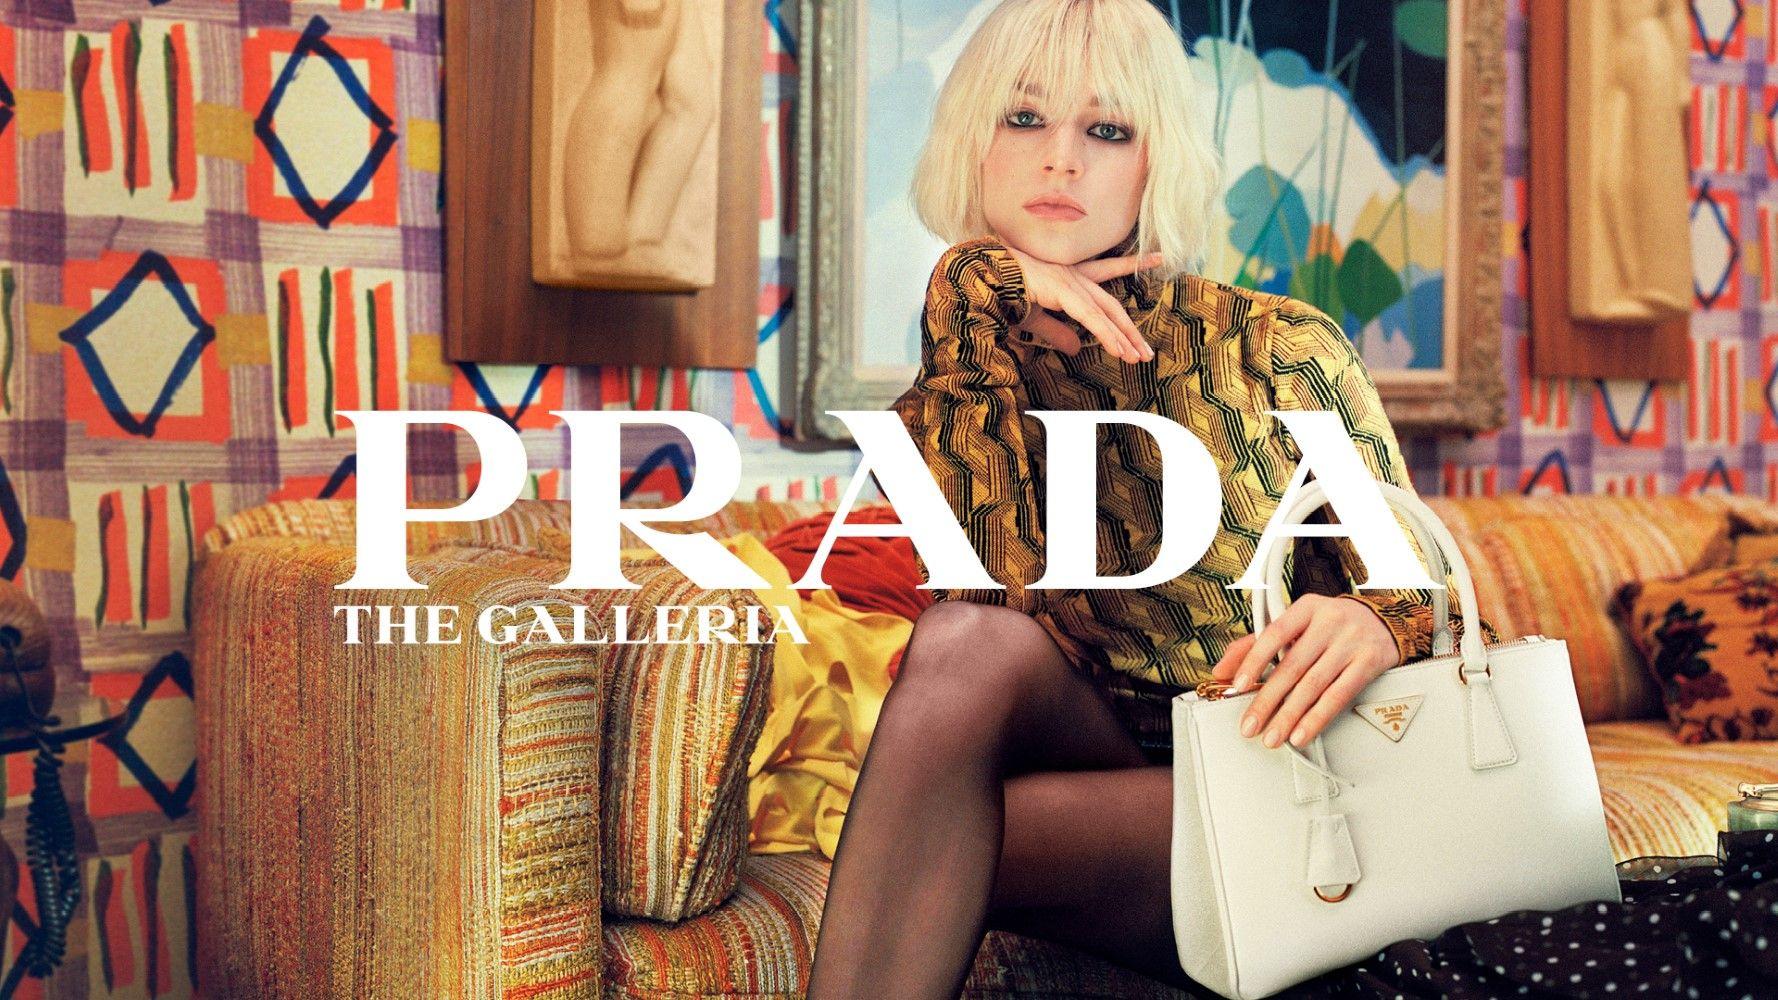 Prada The Galleria